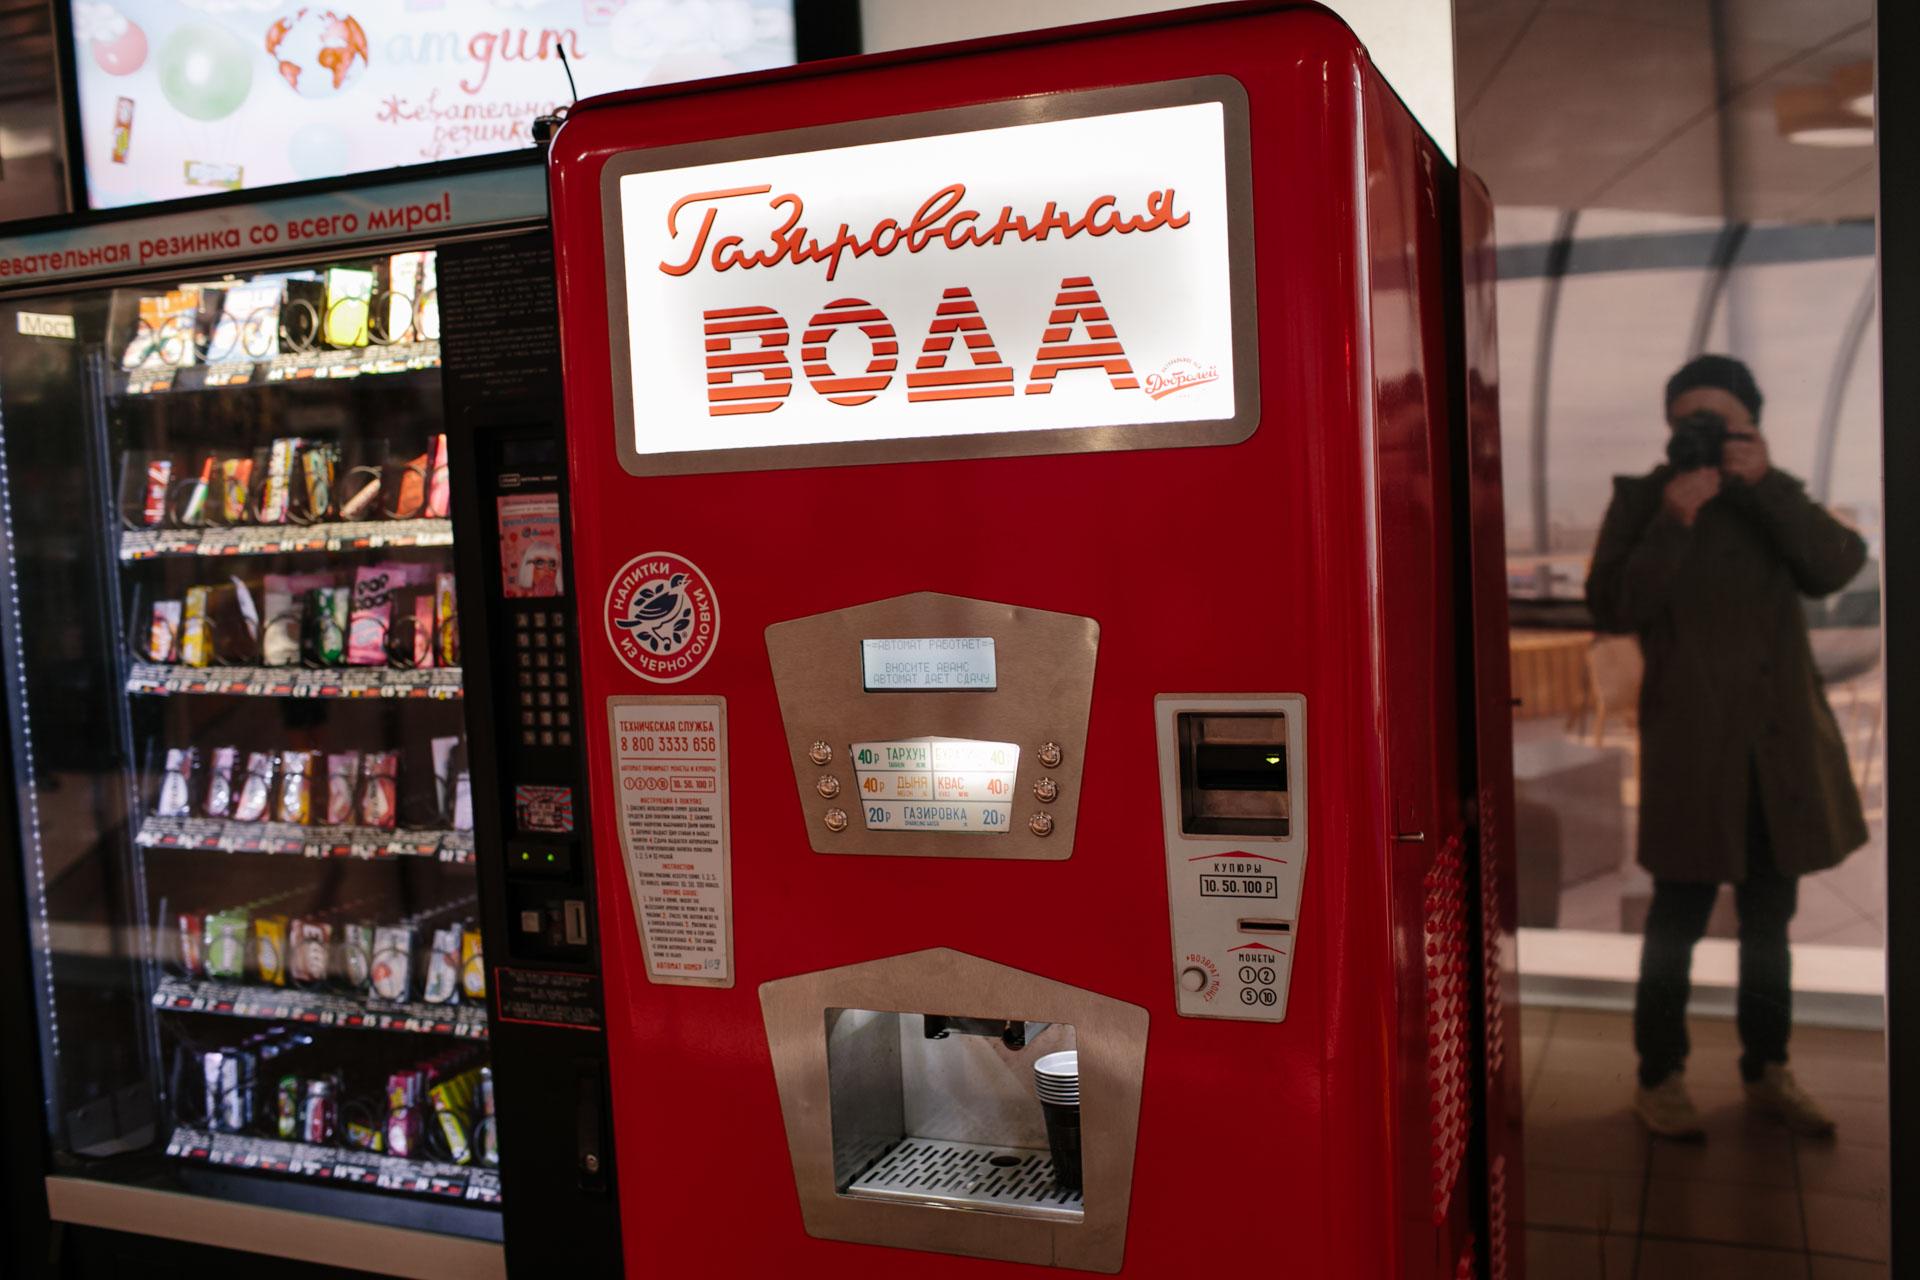 На фотографии автомат для продажи газированной воды. Принимает купюры и монеты один, два, пять и десять рублей. В отражении зеркала, рядом с автоматом, я с фотоаппаратом делаю эту фотографию. Москва.